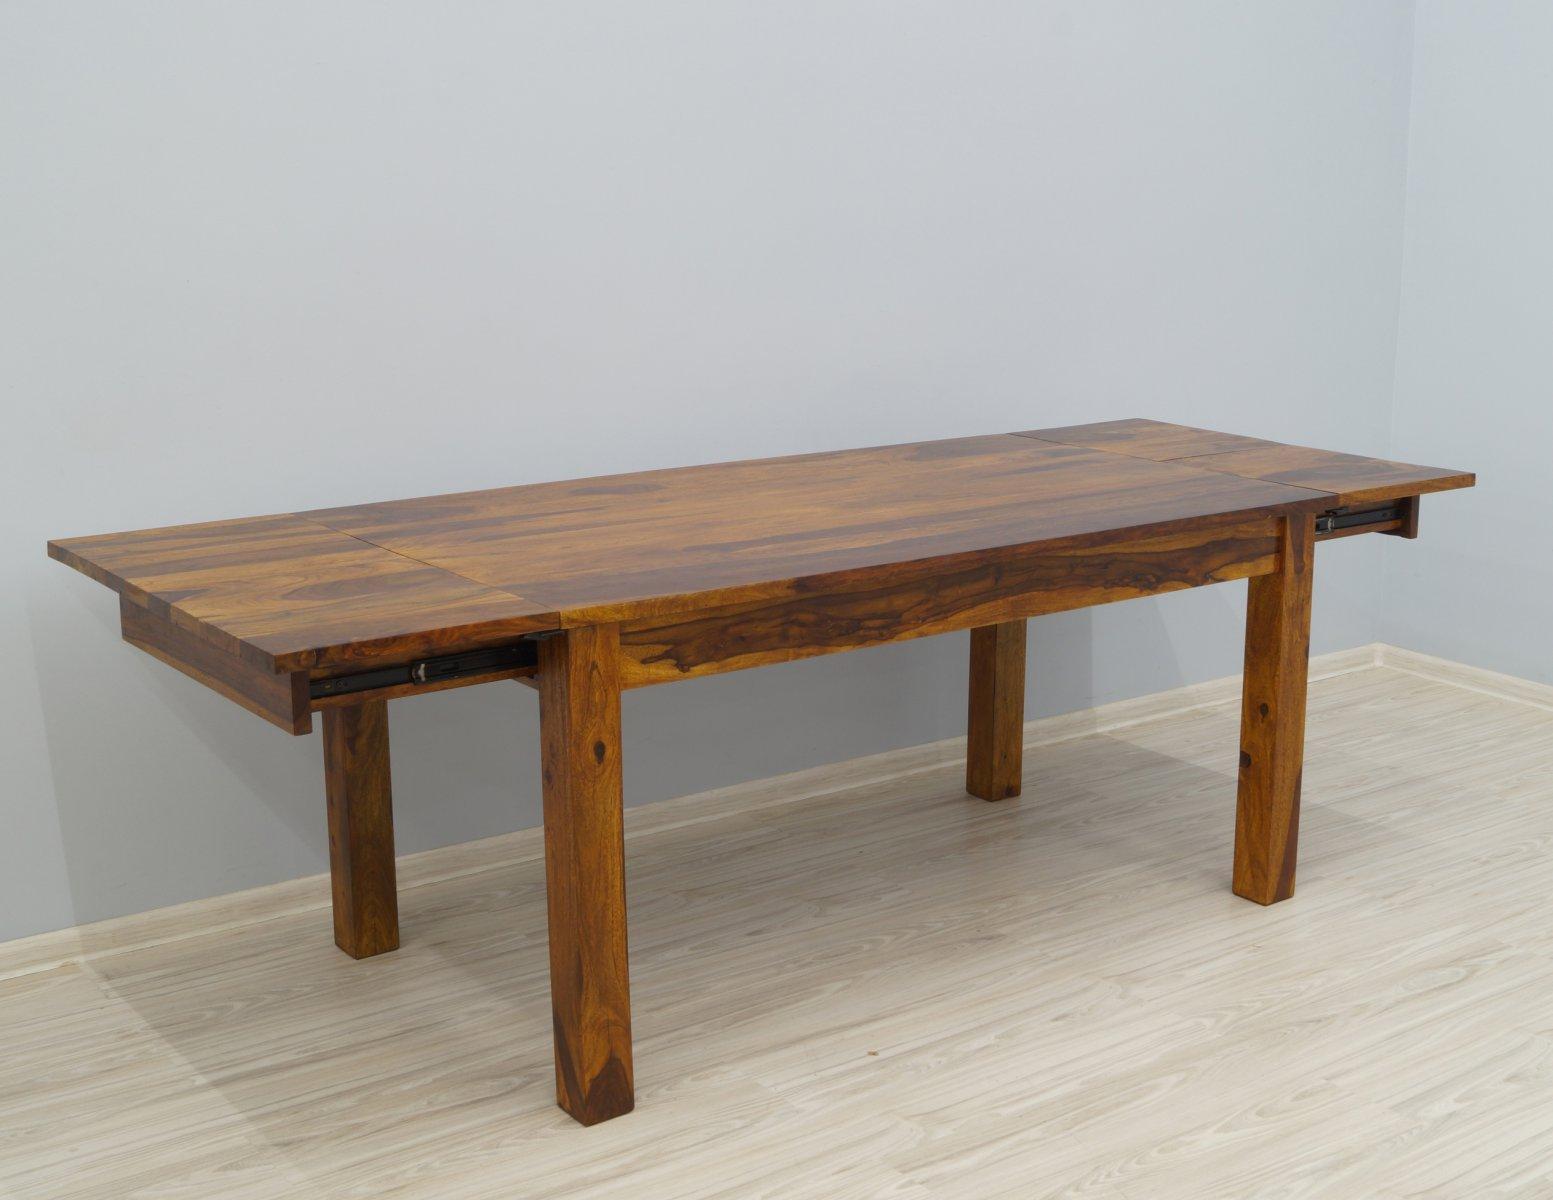 Stół rozkładany lite drewno palisander miodowy brąz ręcznie wytworzony